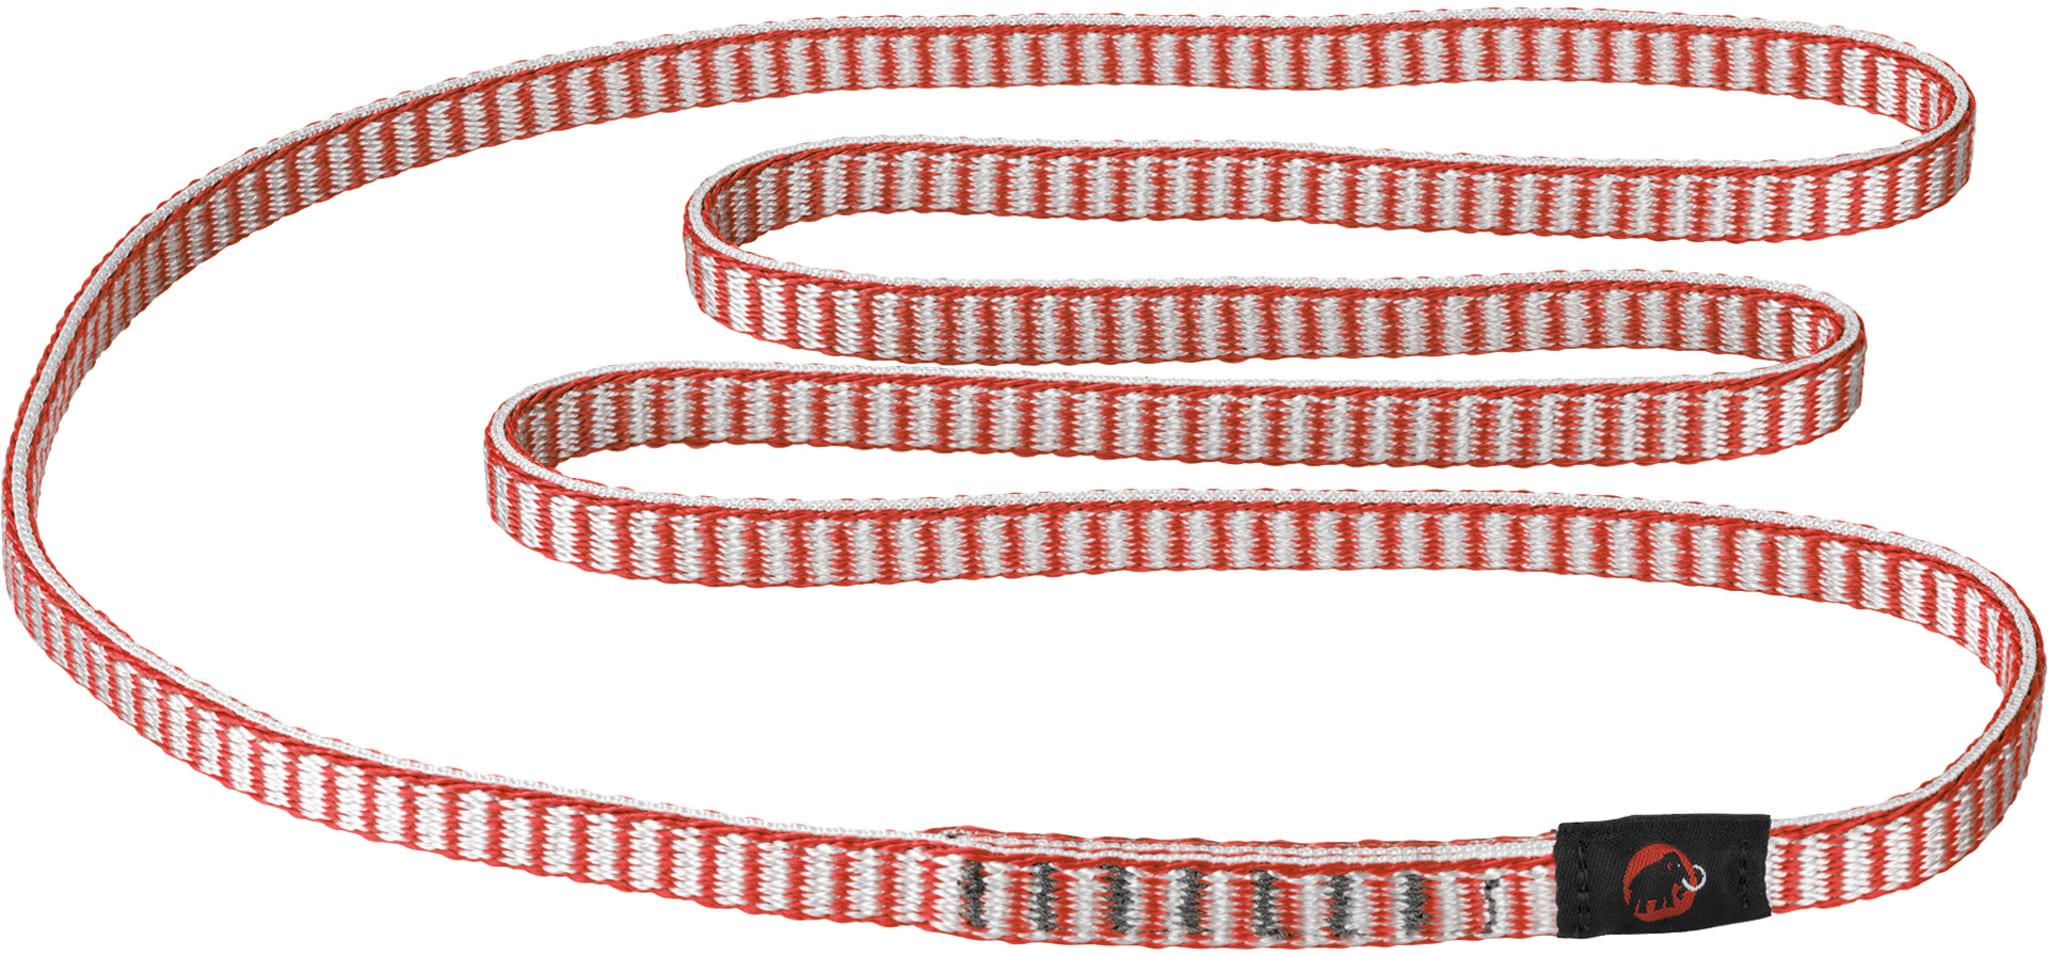 Tynne polyester-slynger